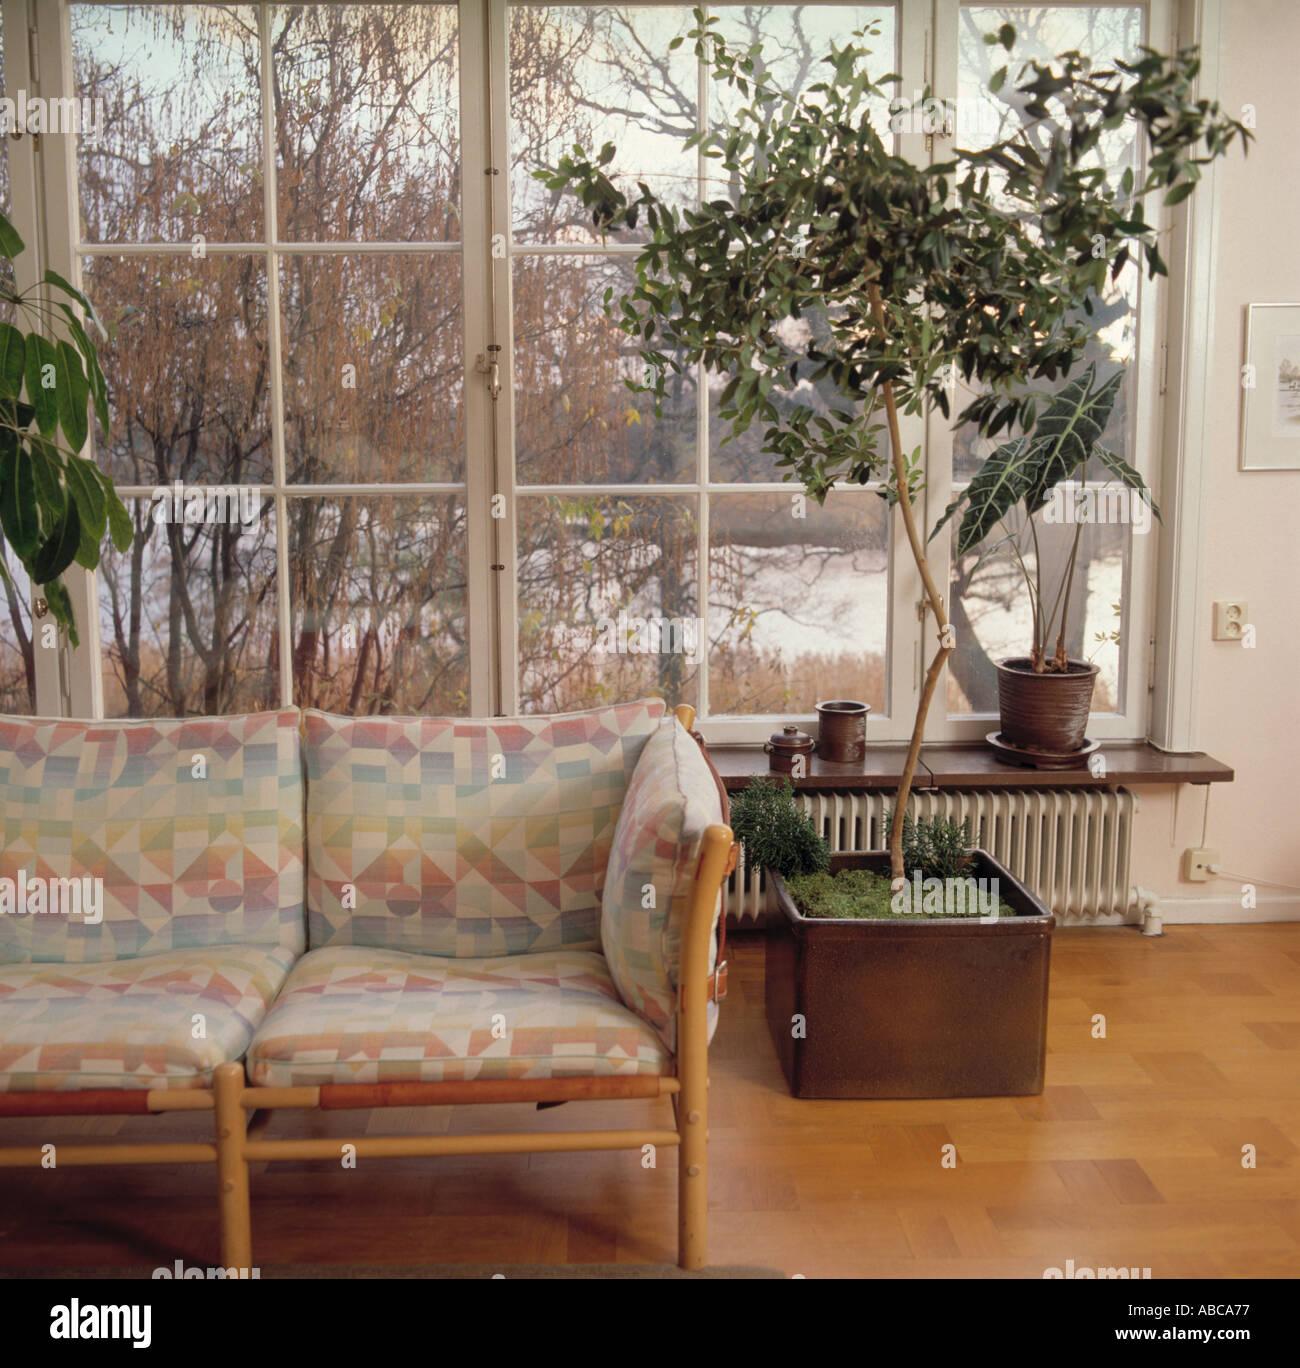 gemusterte kissen auf blasse holz sofa im wohnzimmer mit gro er baum im topf vor gro e fenster. Black Bedroom Furniture Sets. Home Design Ideas